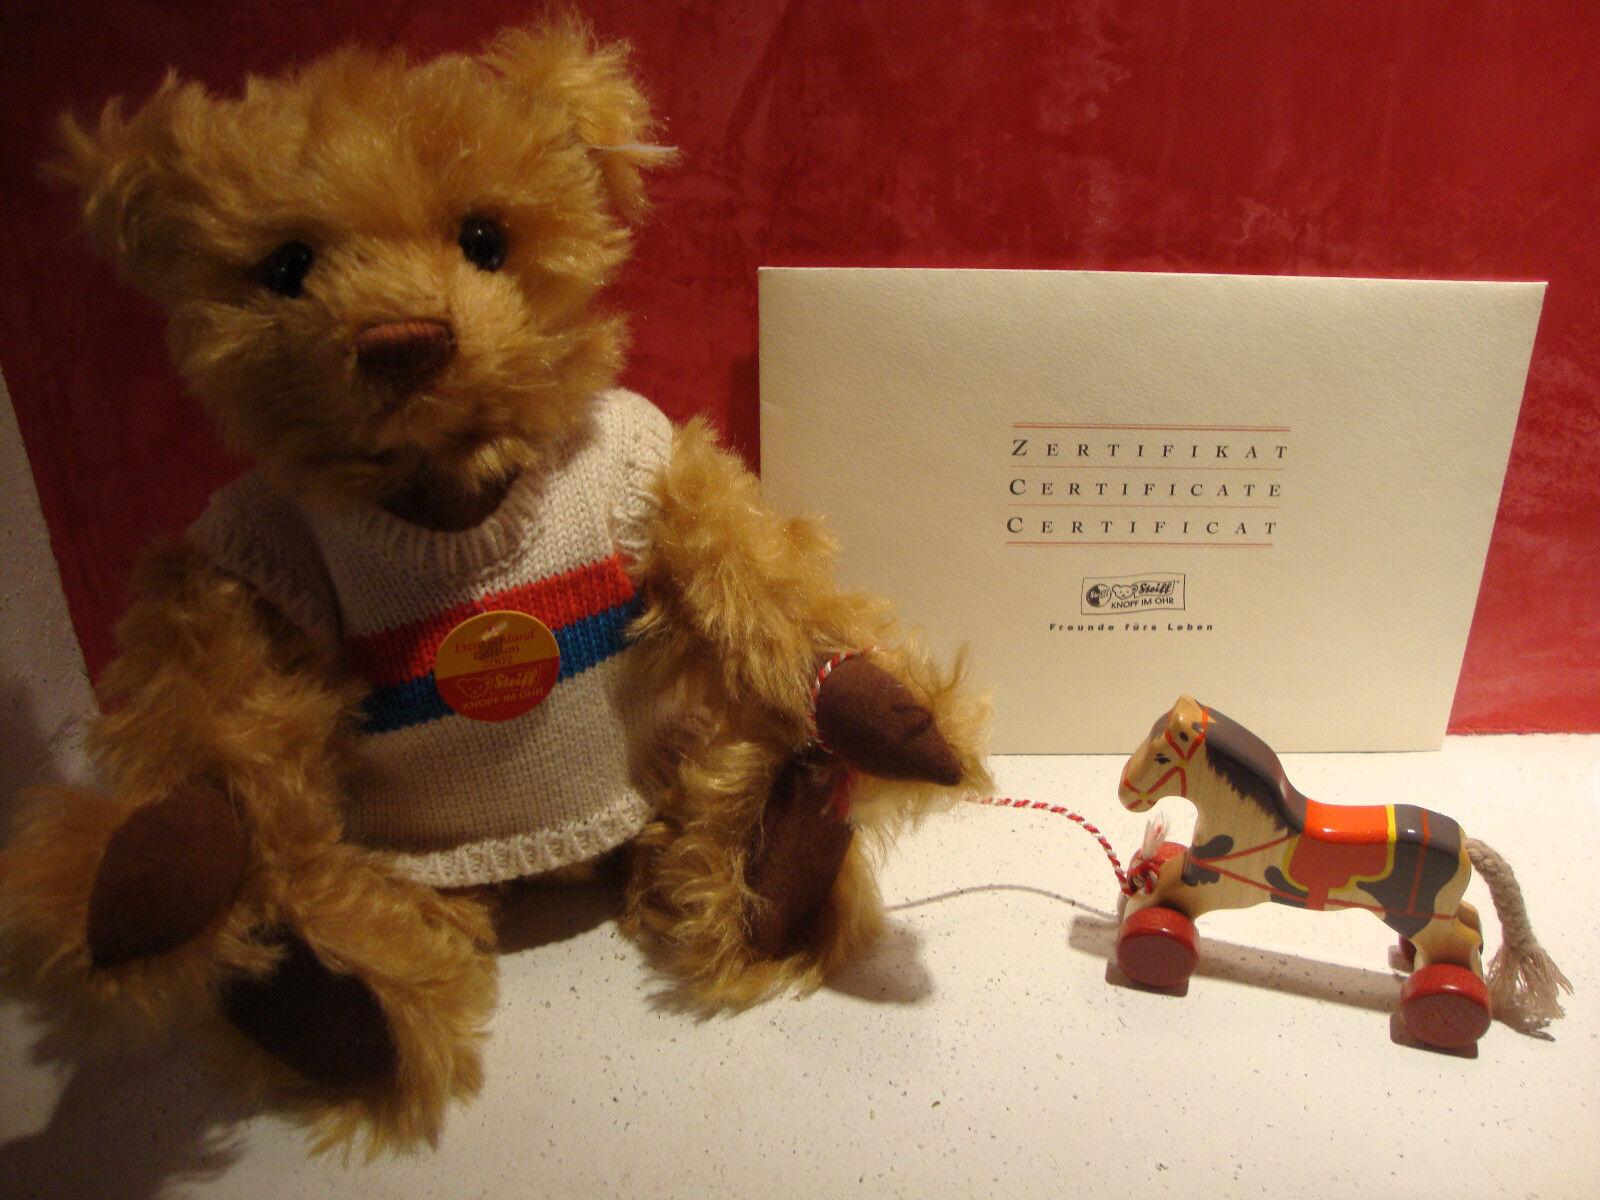 Steiff Teddybär mit Nachziehpferd und Zertifikat, neu limitiert, Teddy 671173